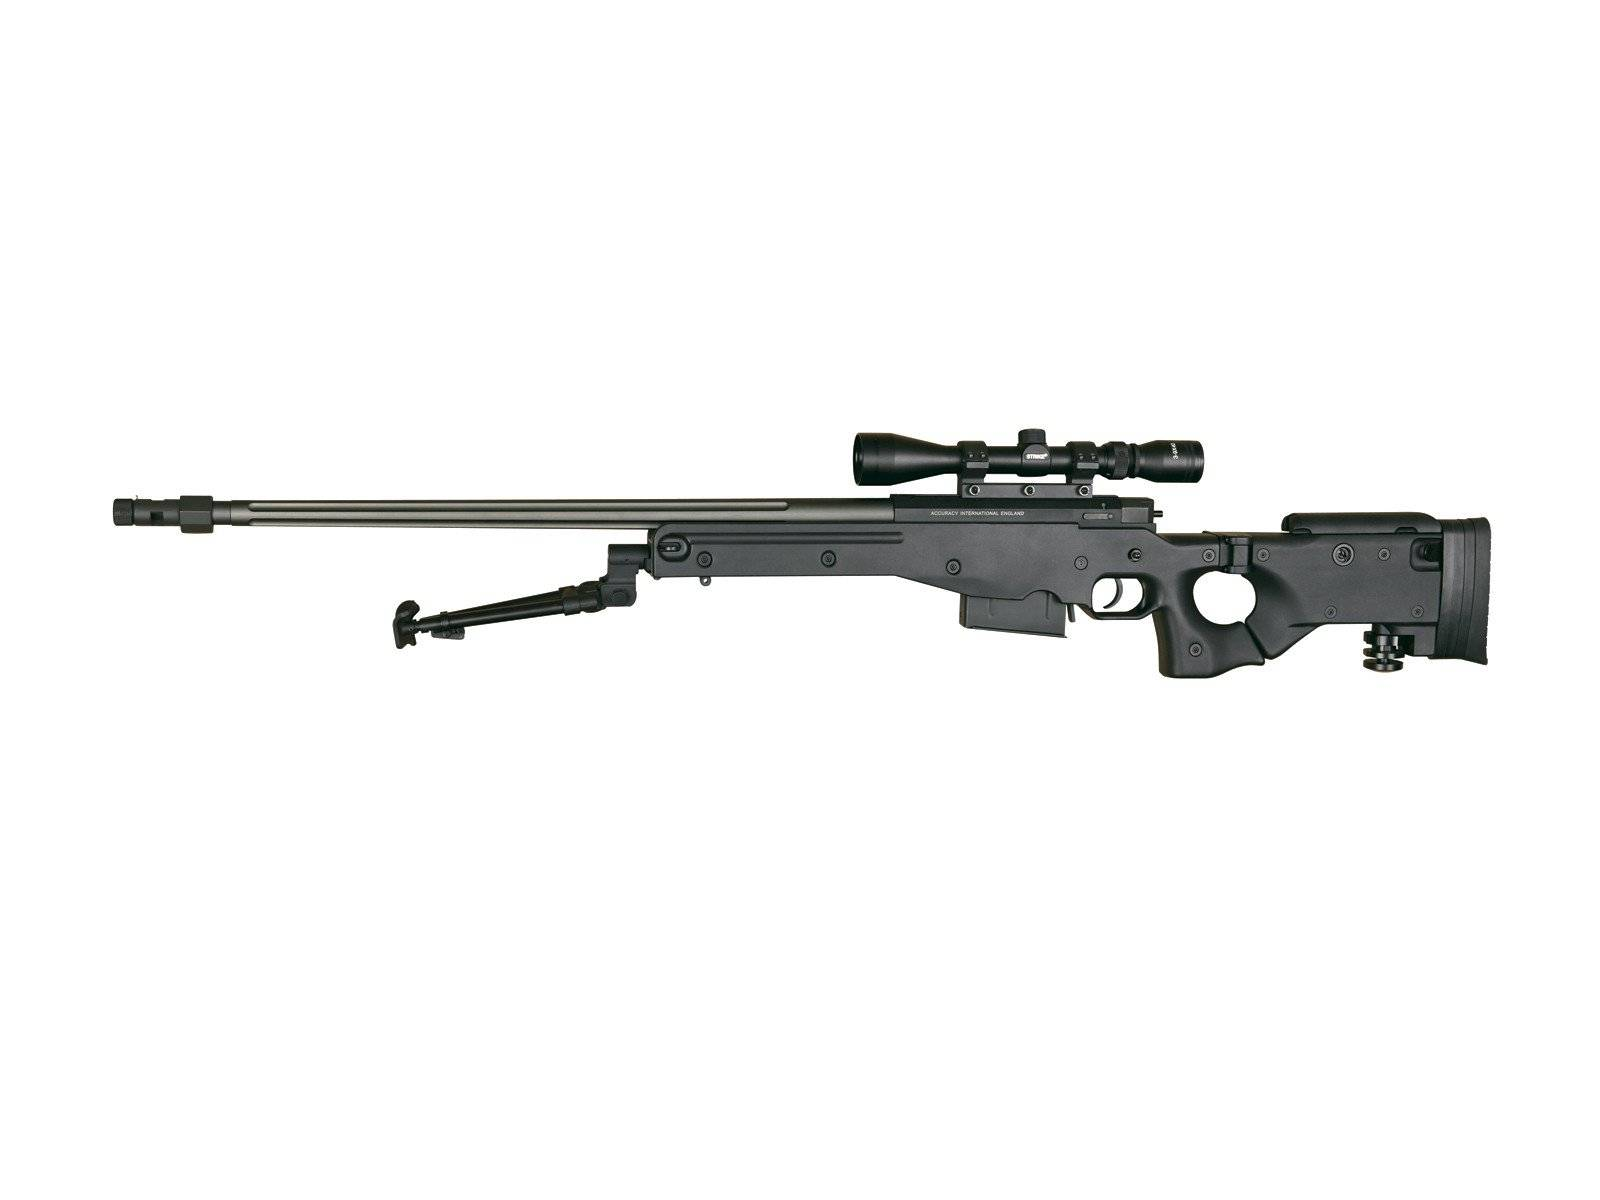 Снайперские винтовки l96a1 aw (arctic warfire) и l115a3 (long range rifle)